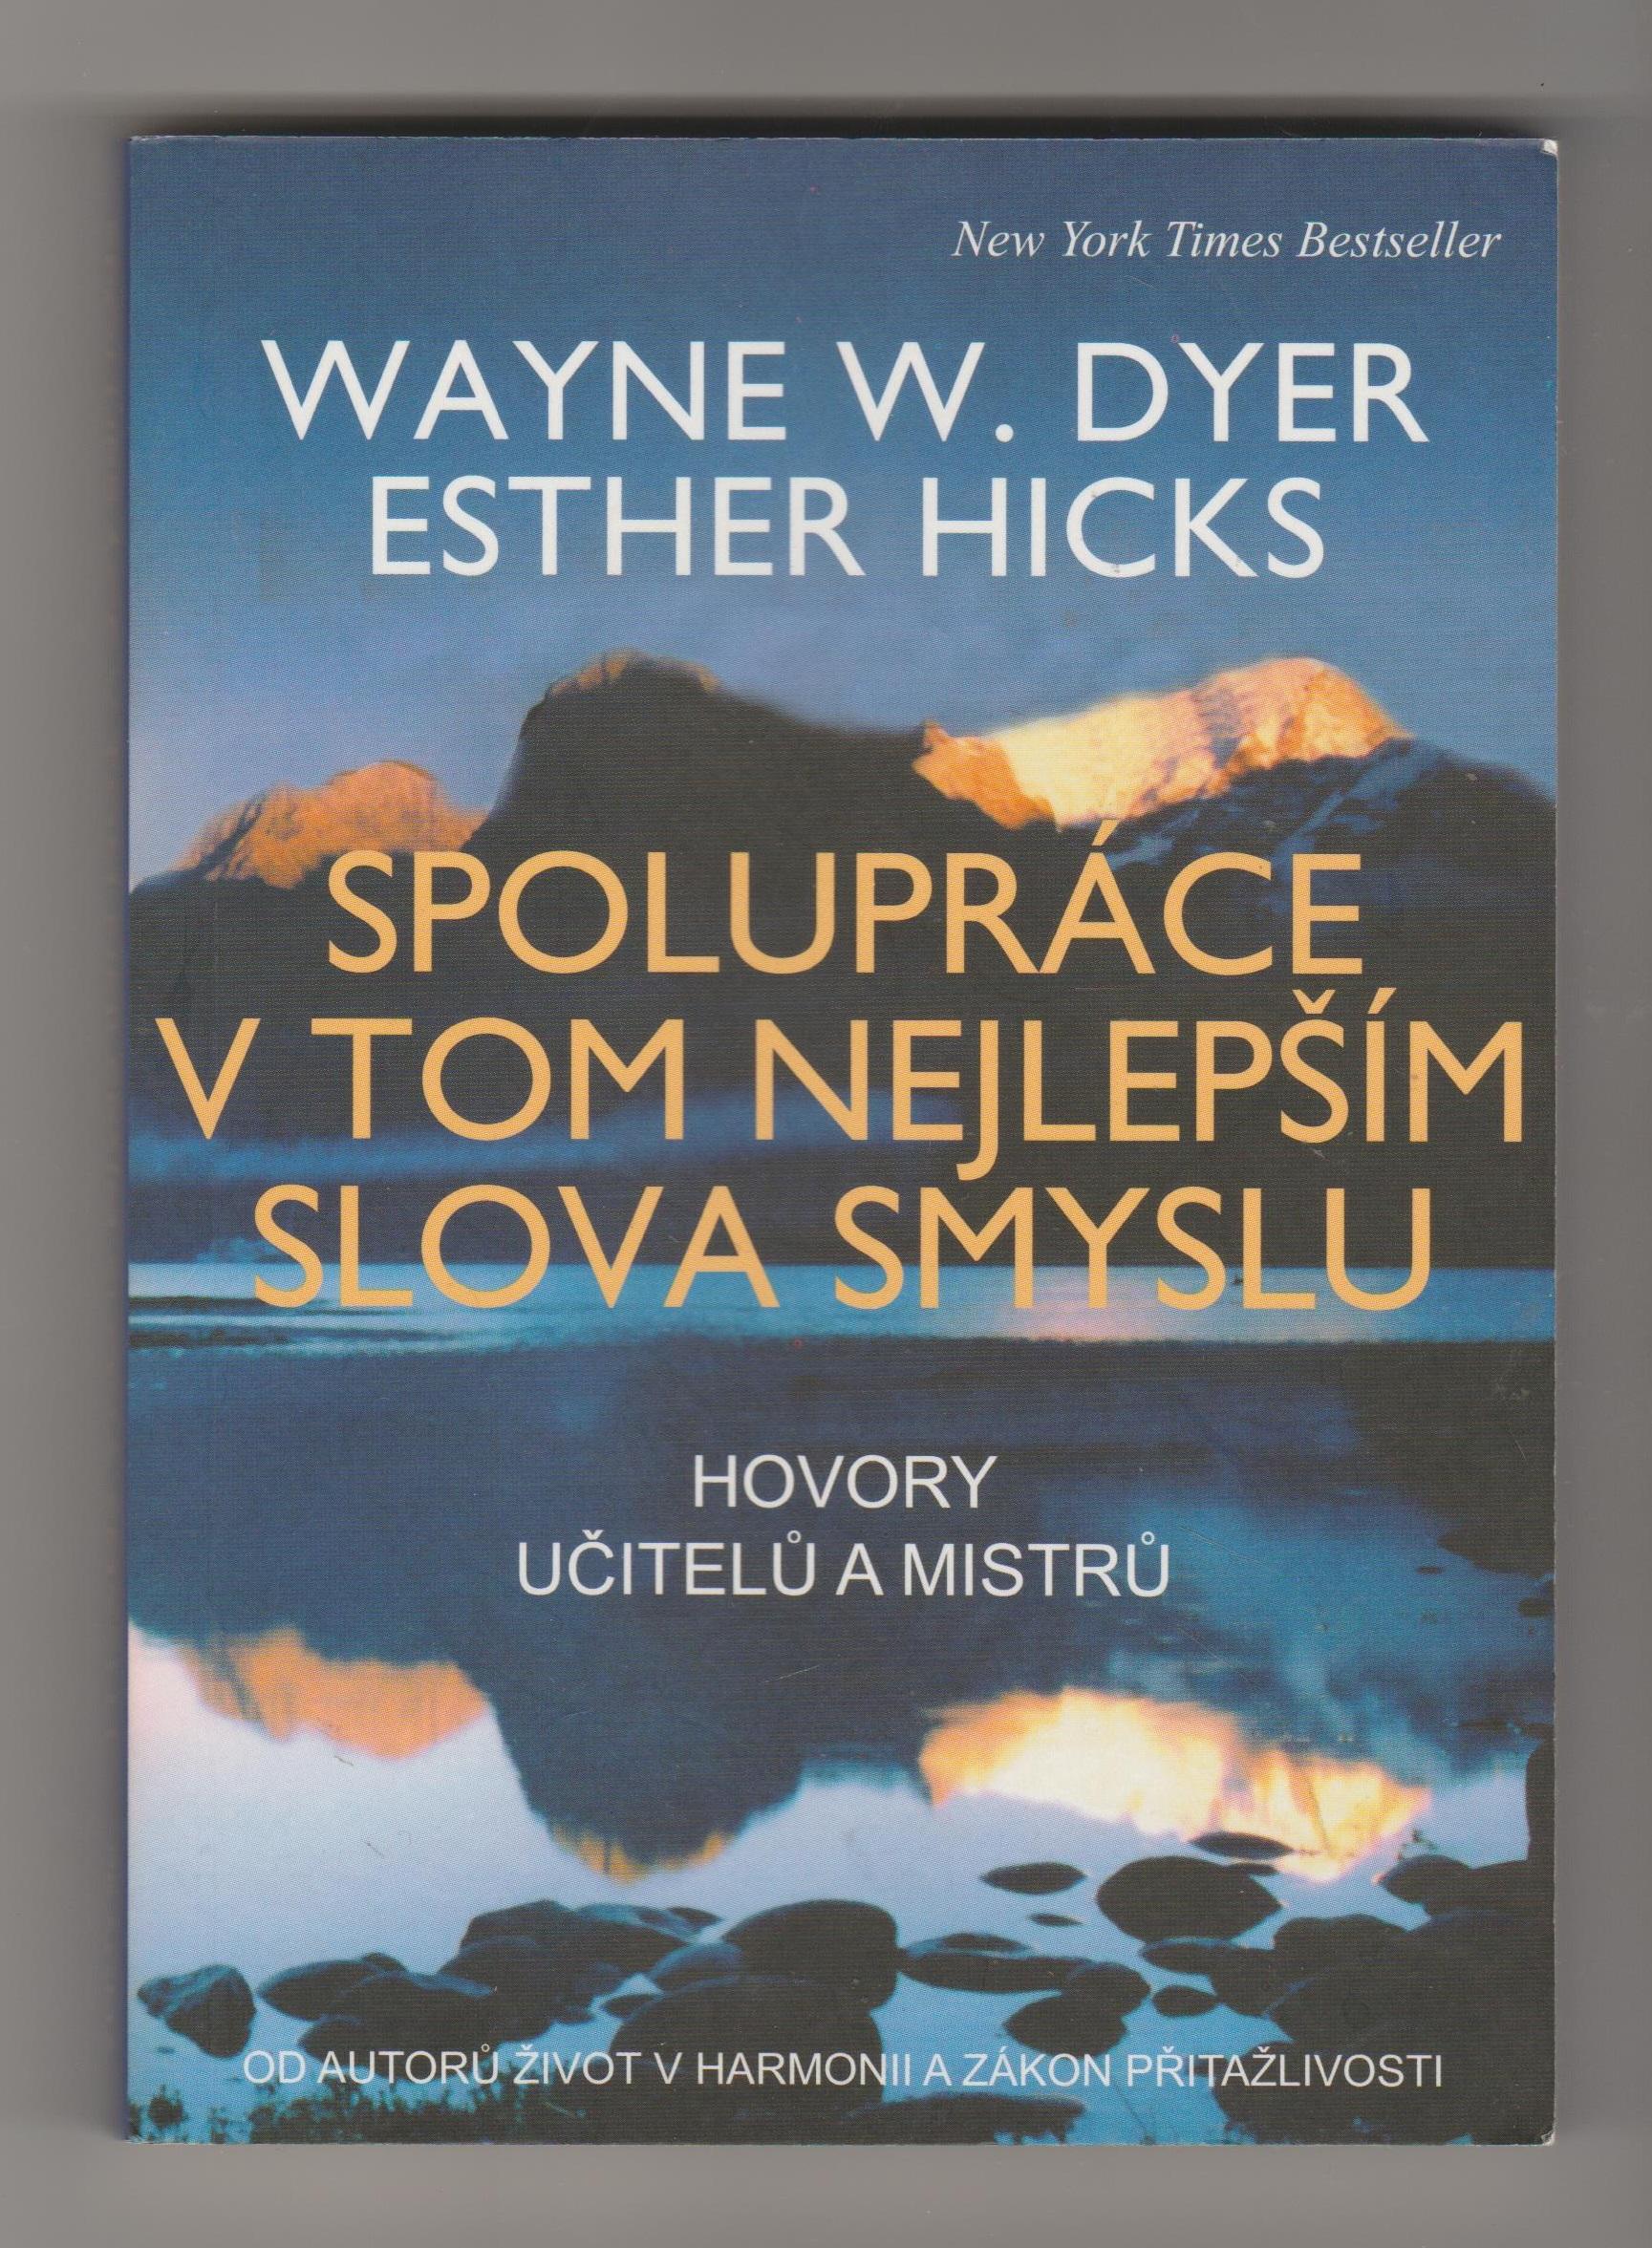 Spolupráce v tom nejlepším slova smyslu, hovory učitelů a mistrů - Wayne W. Dyer, Esther Hicks